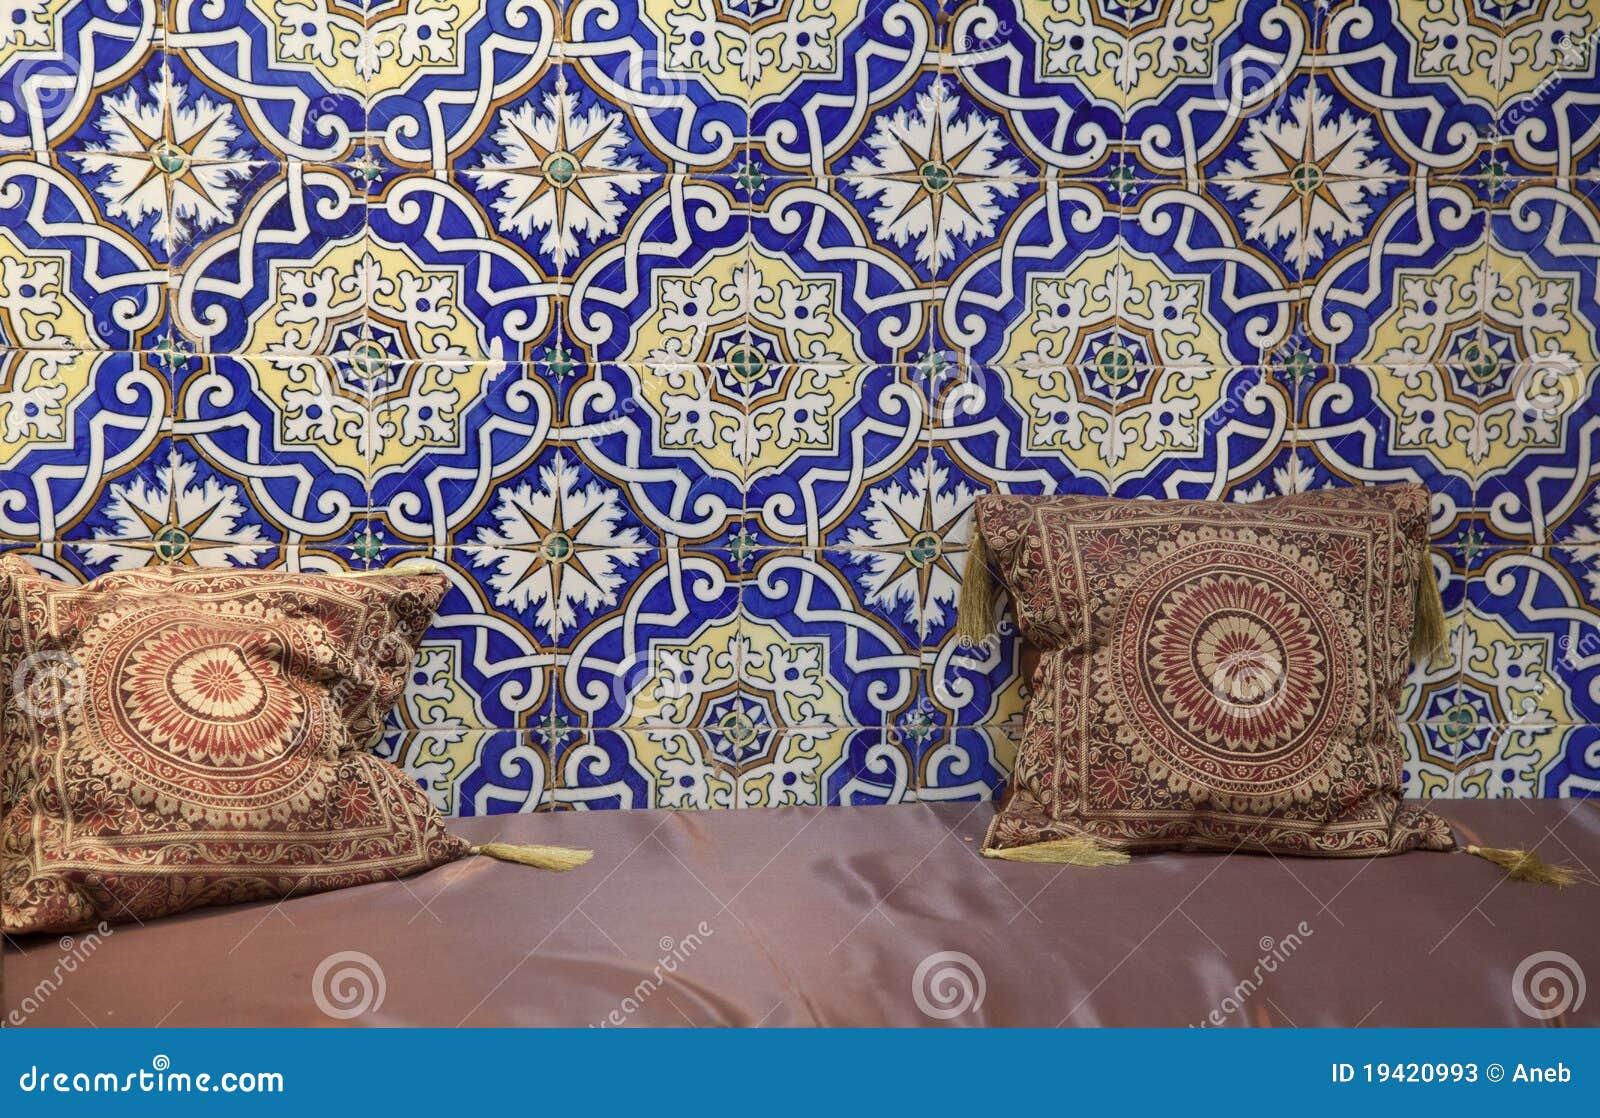 marokkanisches wohnzimmer stockfotos - bild: 19420993, Wohnzimmer